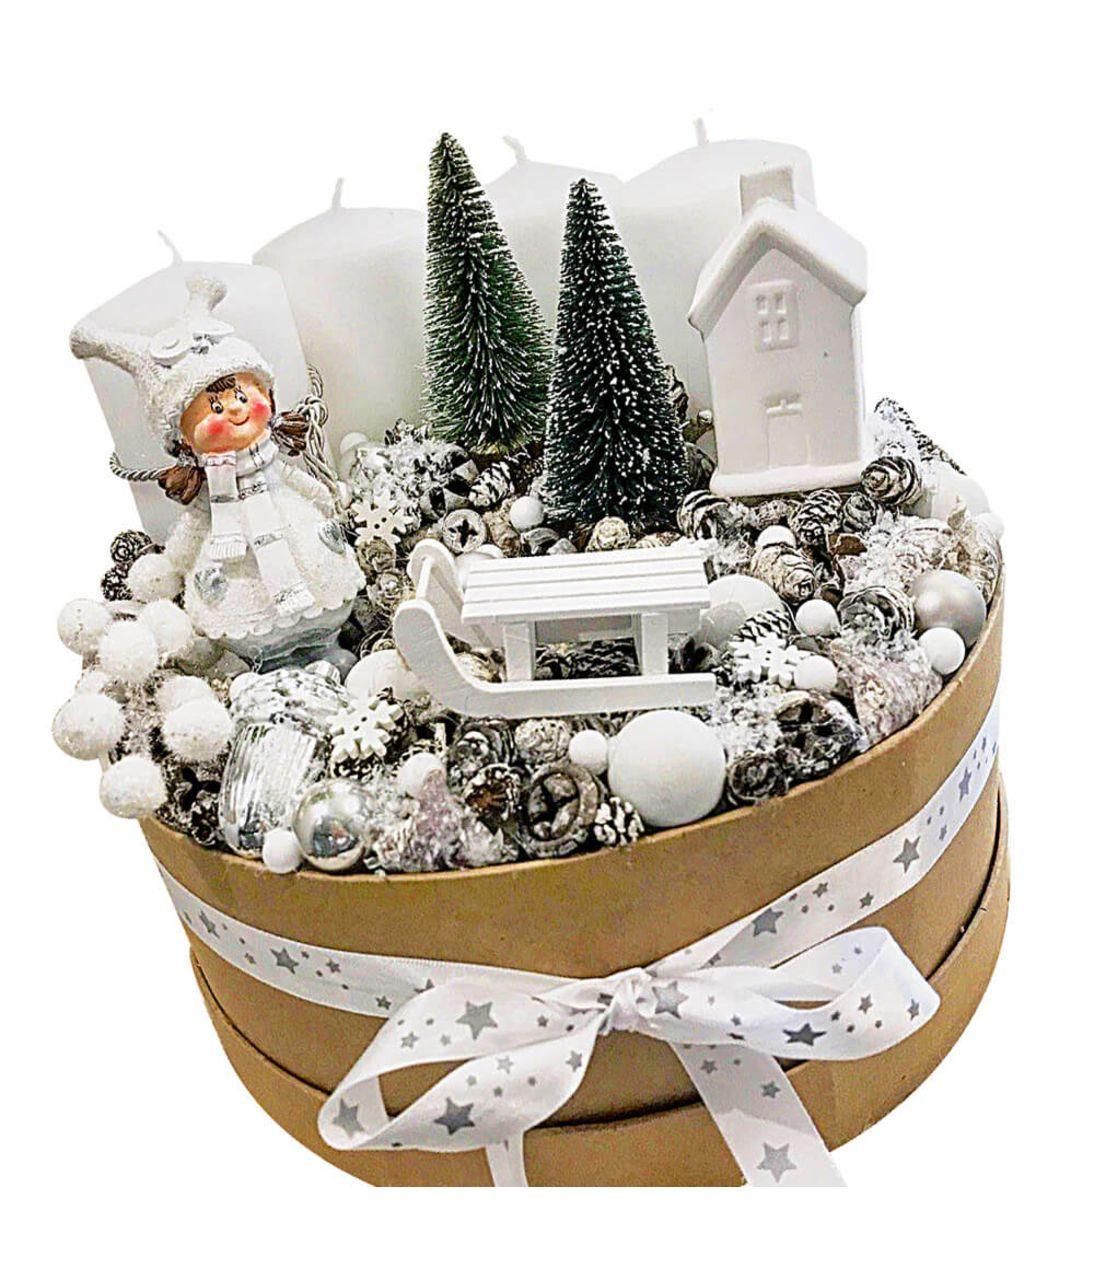 Новогодняя композиция в коробке. superflowers.com.ua. Купить новогоднюю квадратную коробку с доставкой